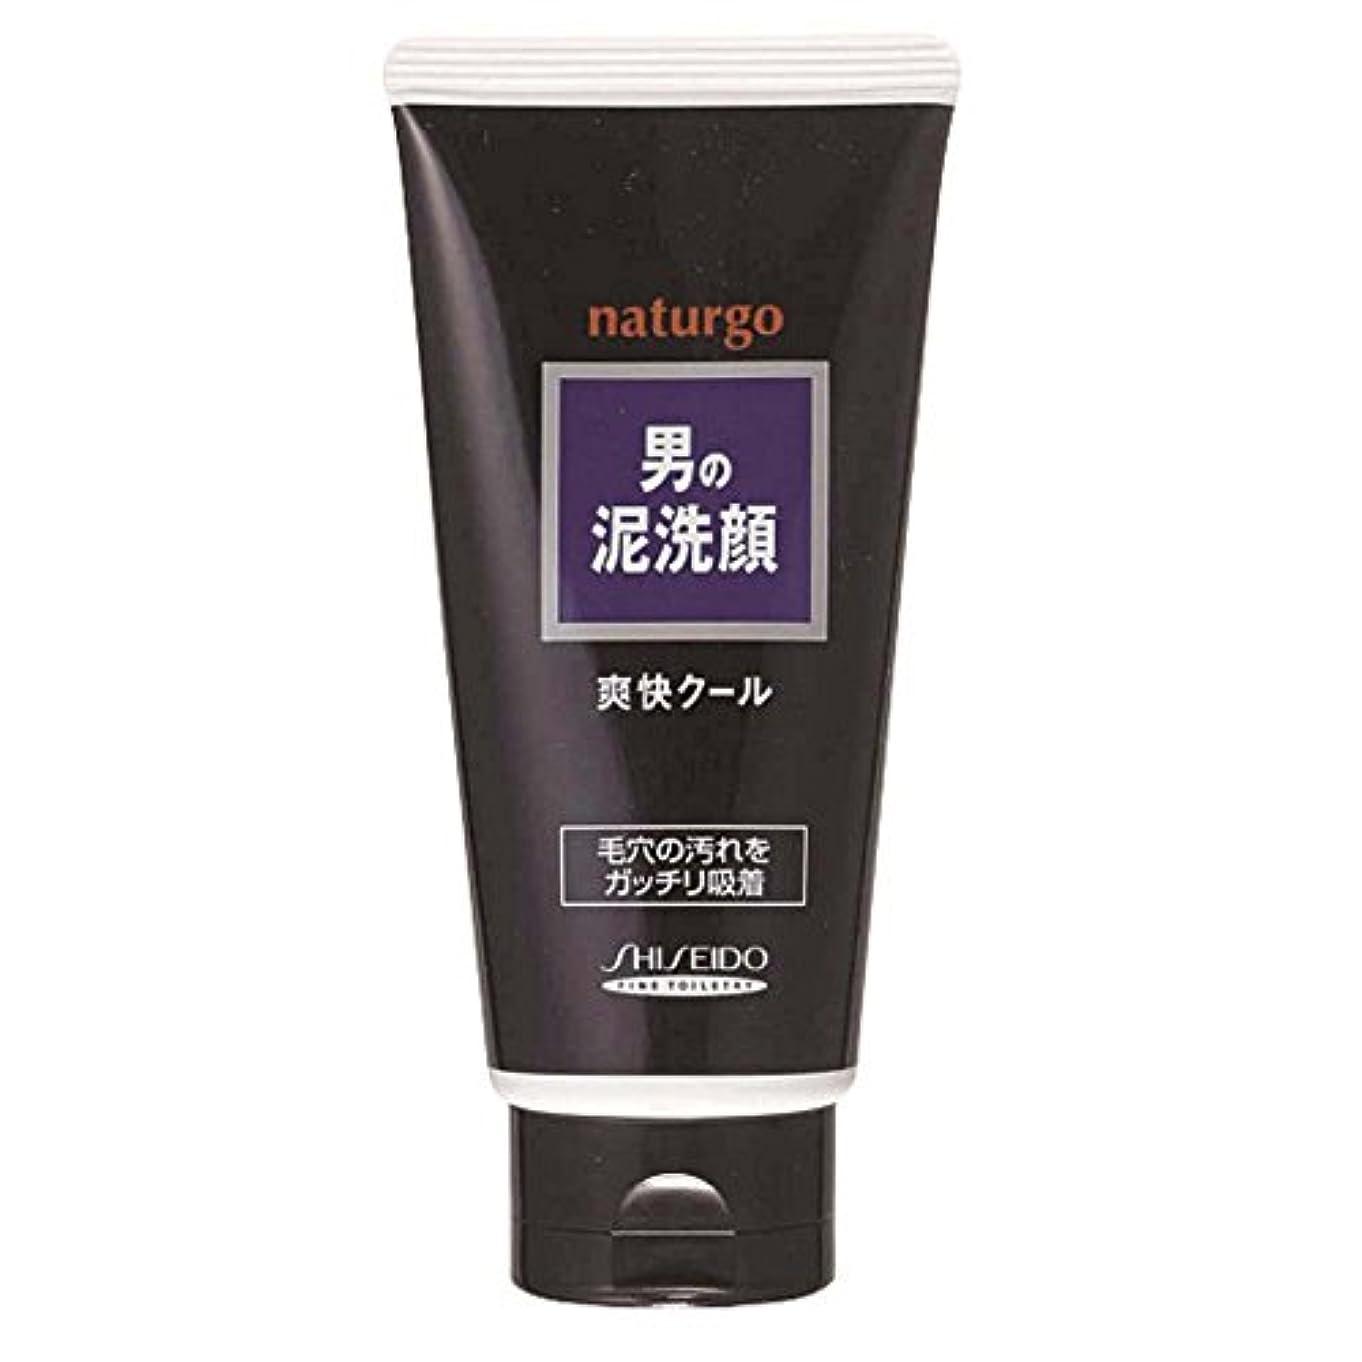 特定の治安判事油ナチュルゴ メンズクレイ洗顔フォーム黒 130g